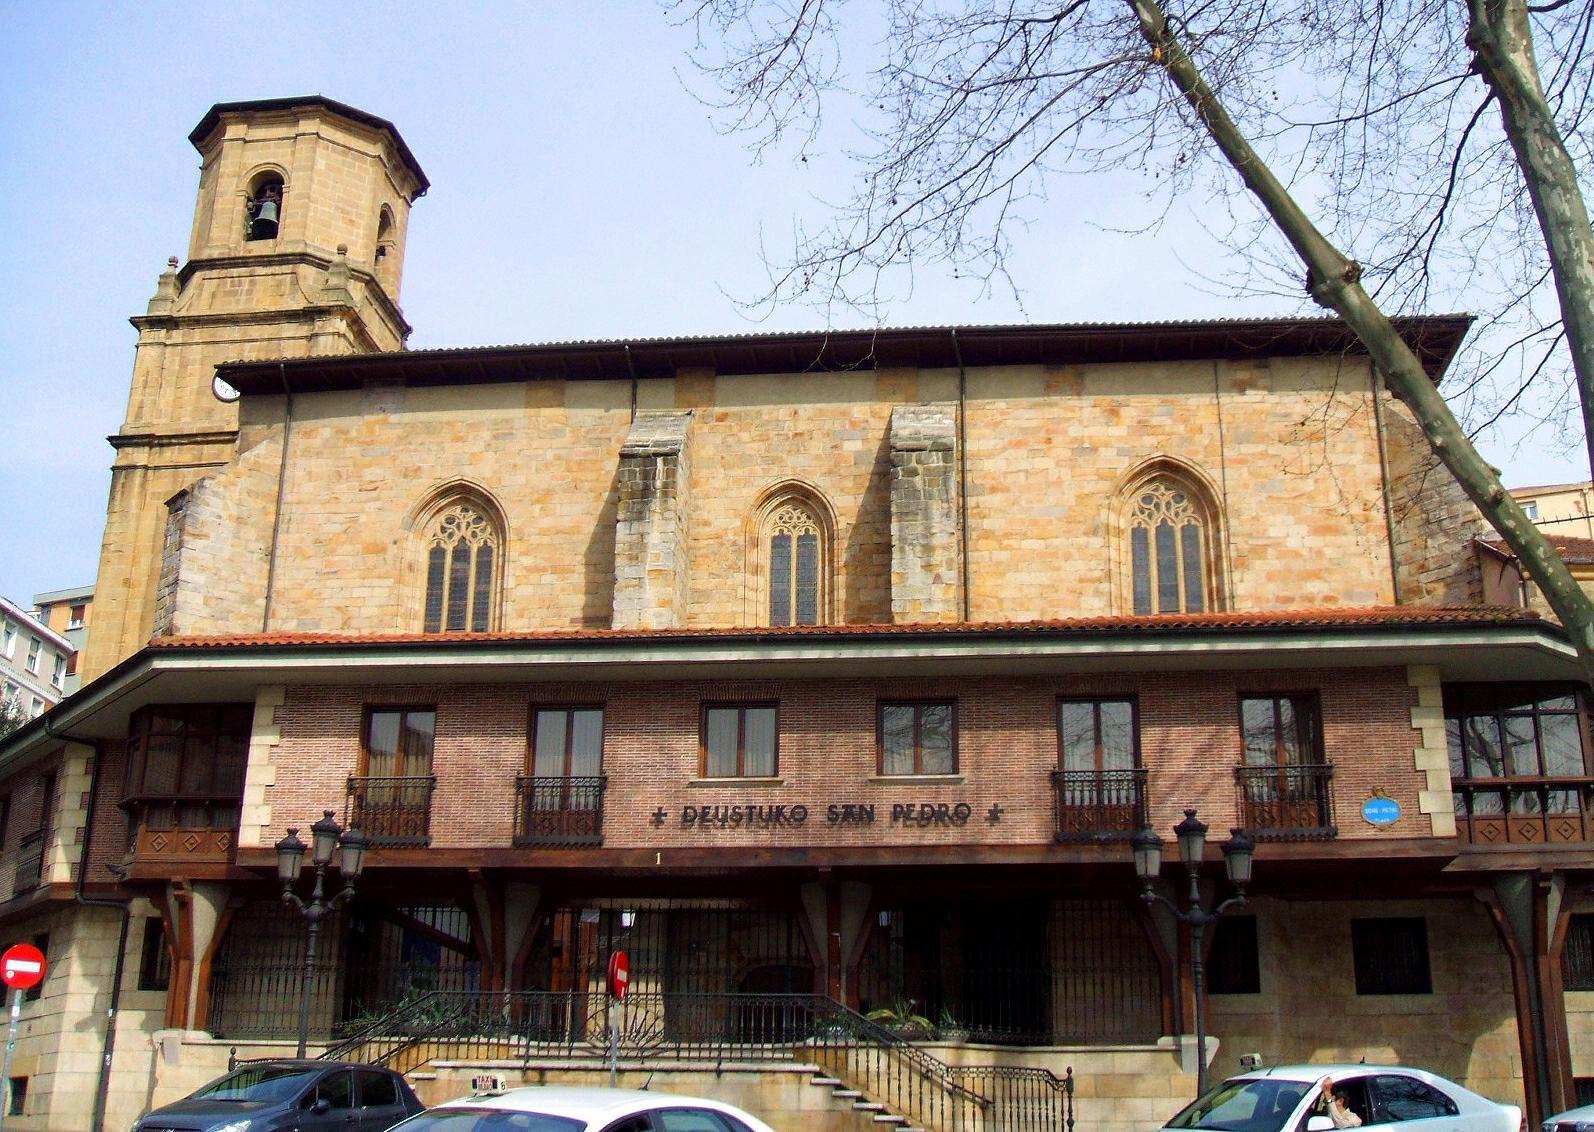 Archivo:Bilbao - San Pedro de Deusto 01.JPG - Wikipedia, la ...